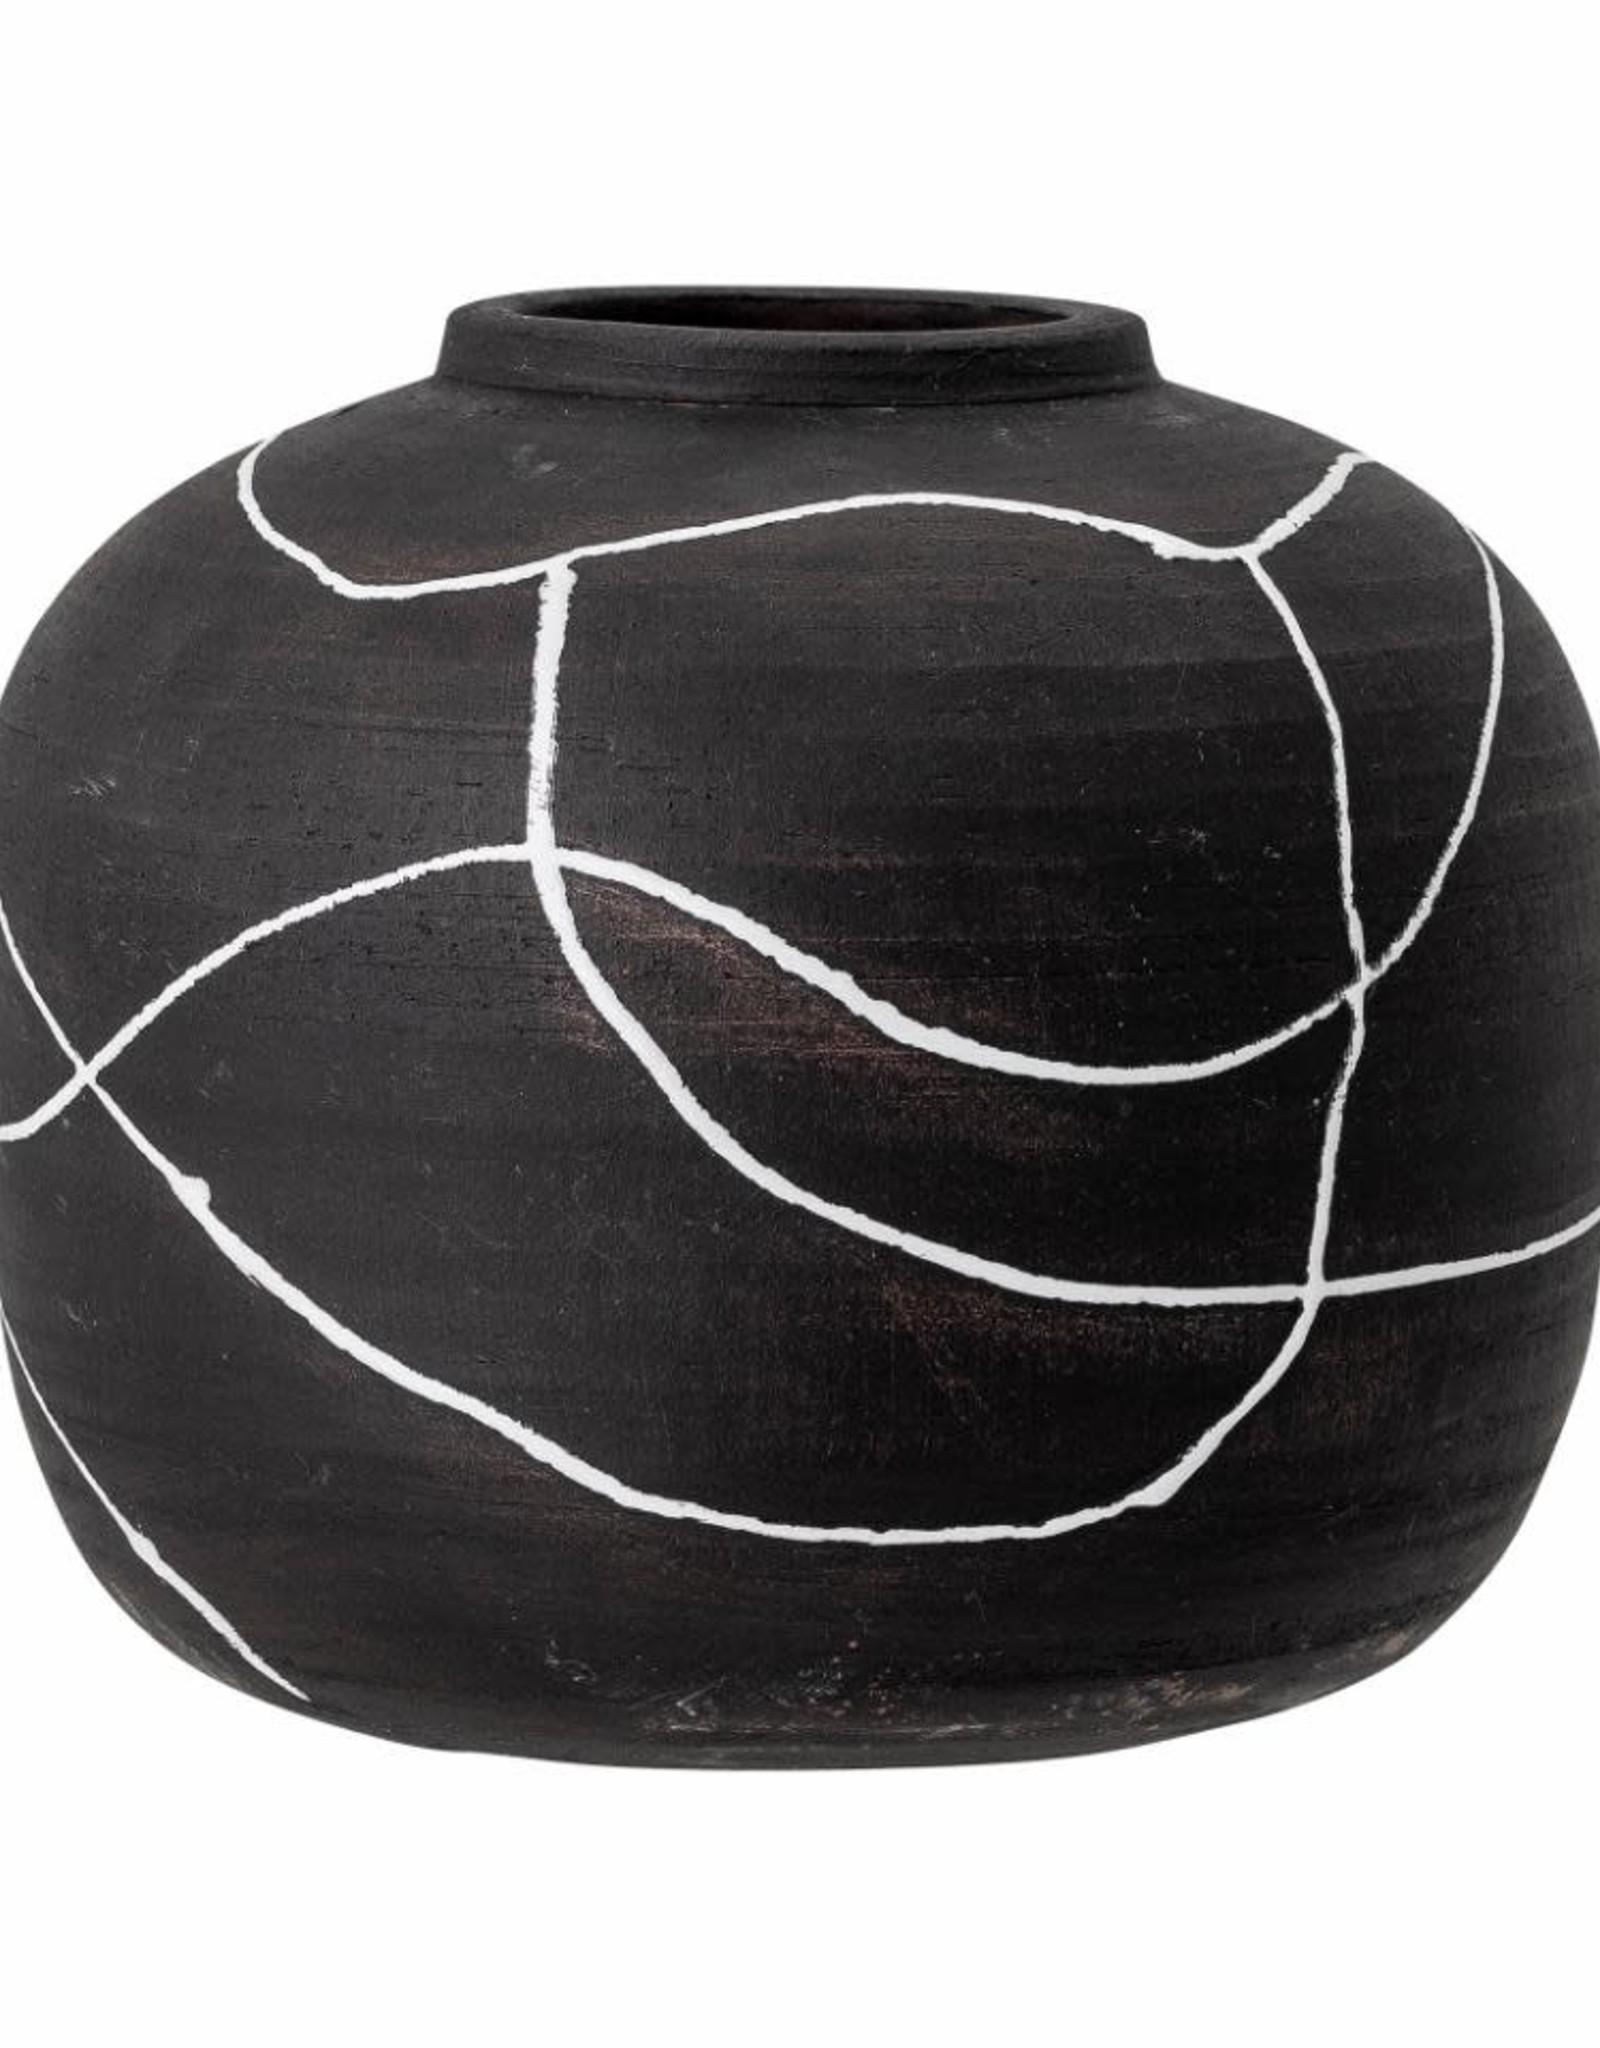 Bloomingville Bloomingville - Niza vase, black, Terracota